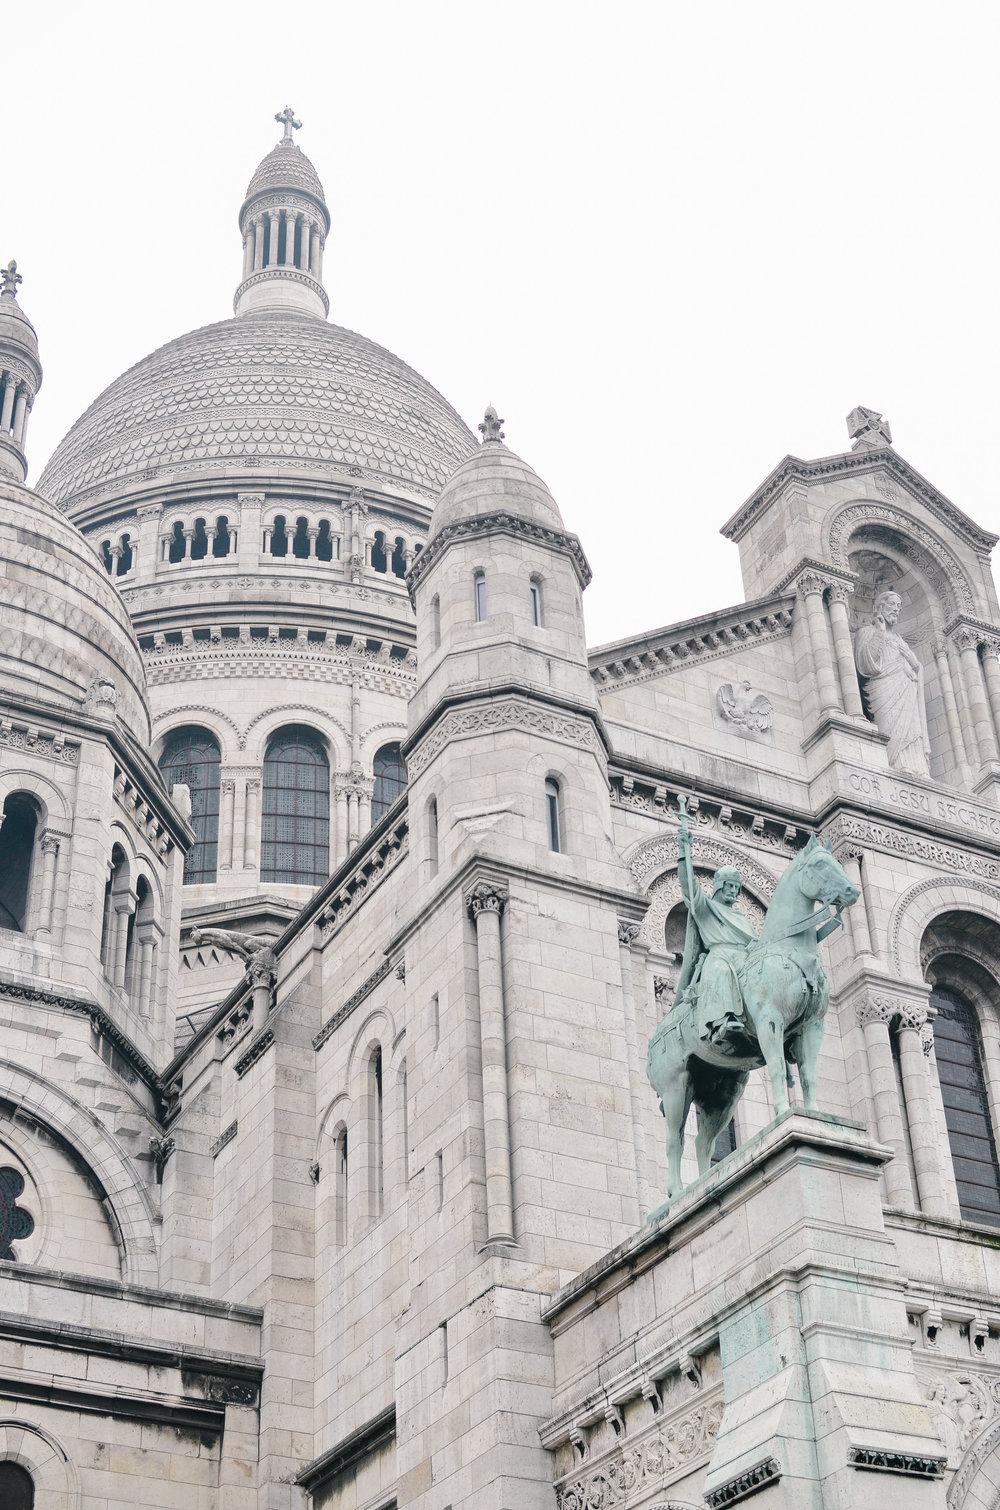 paris-france-travel-guide-lifeonpine_DSC_0426.jpg